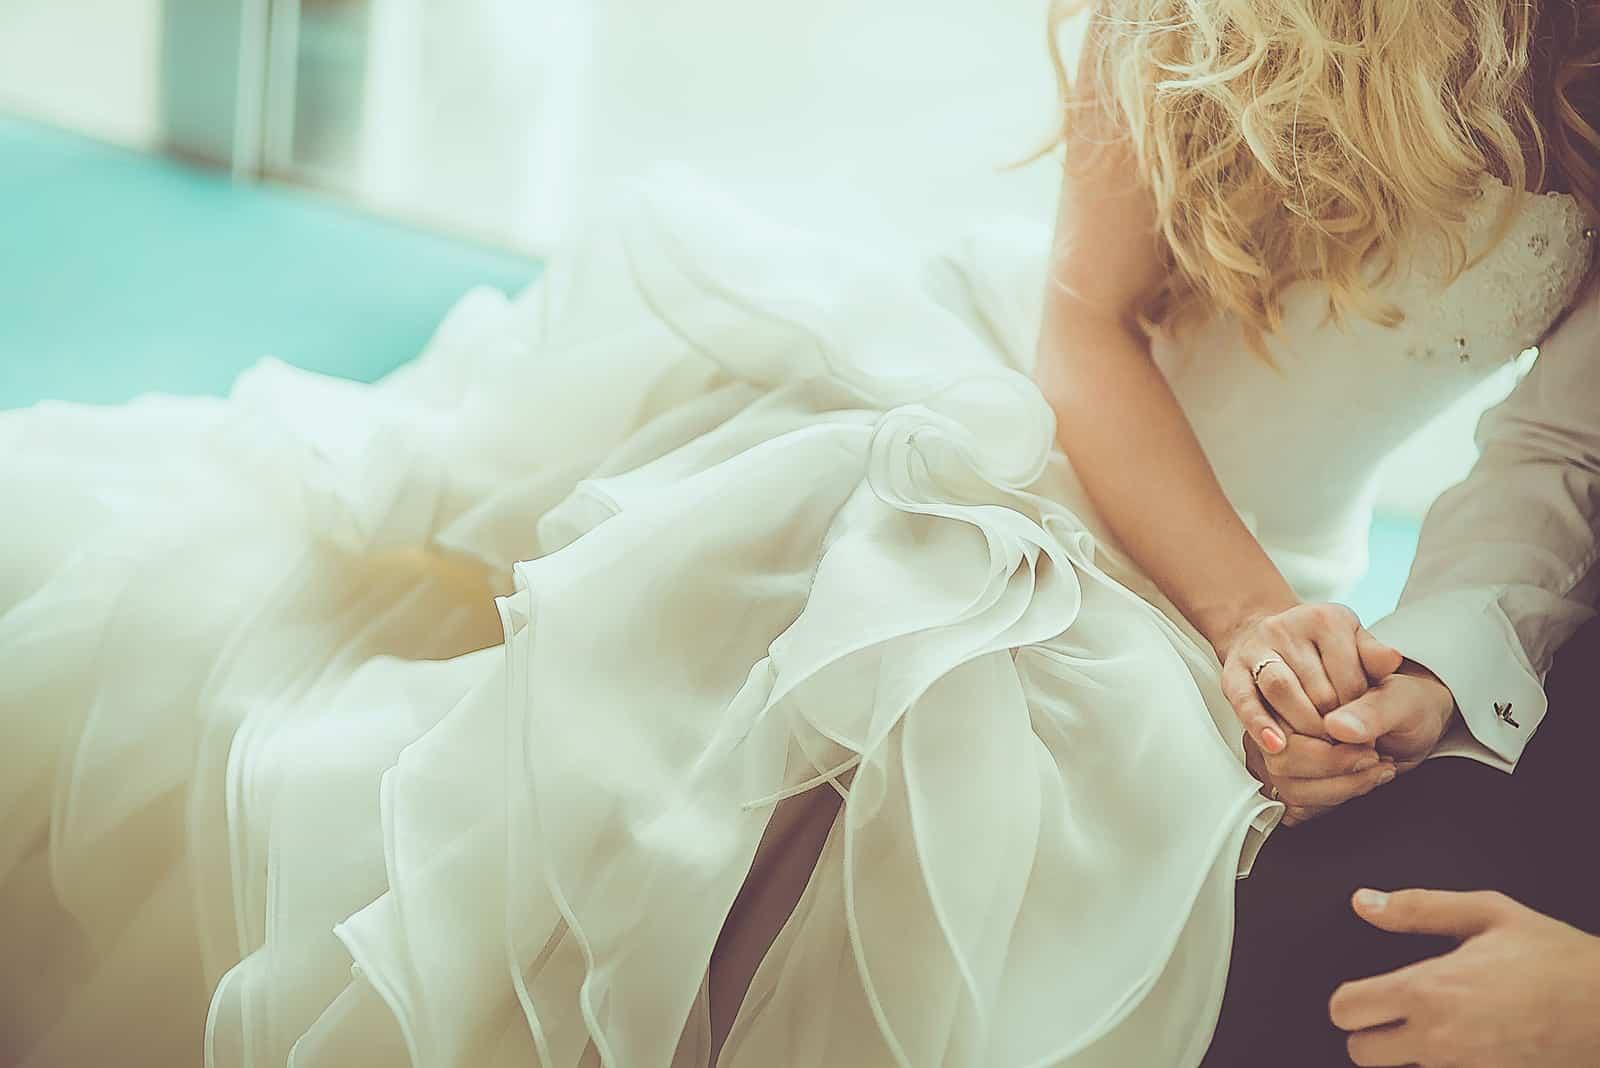 Hochzeitstag - Paar Händchen haltend